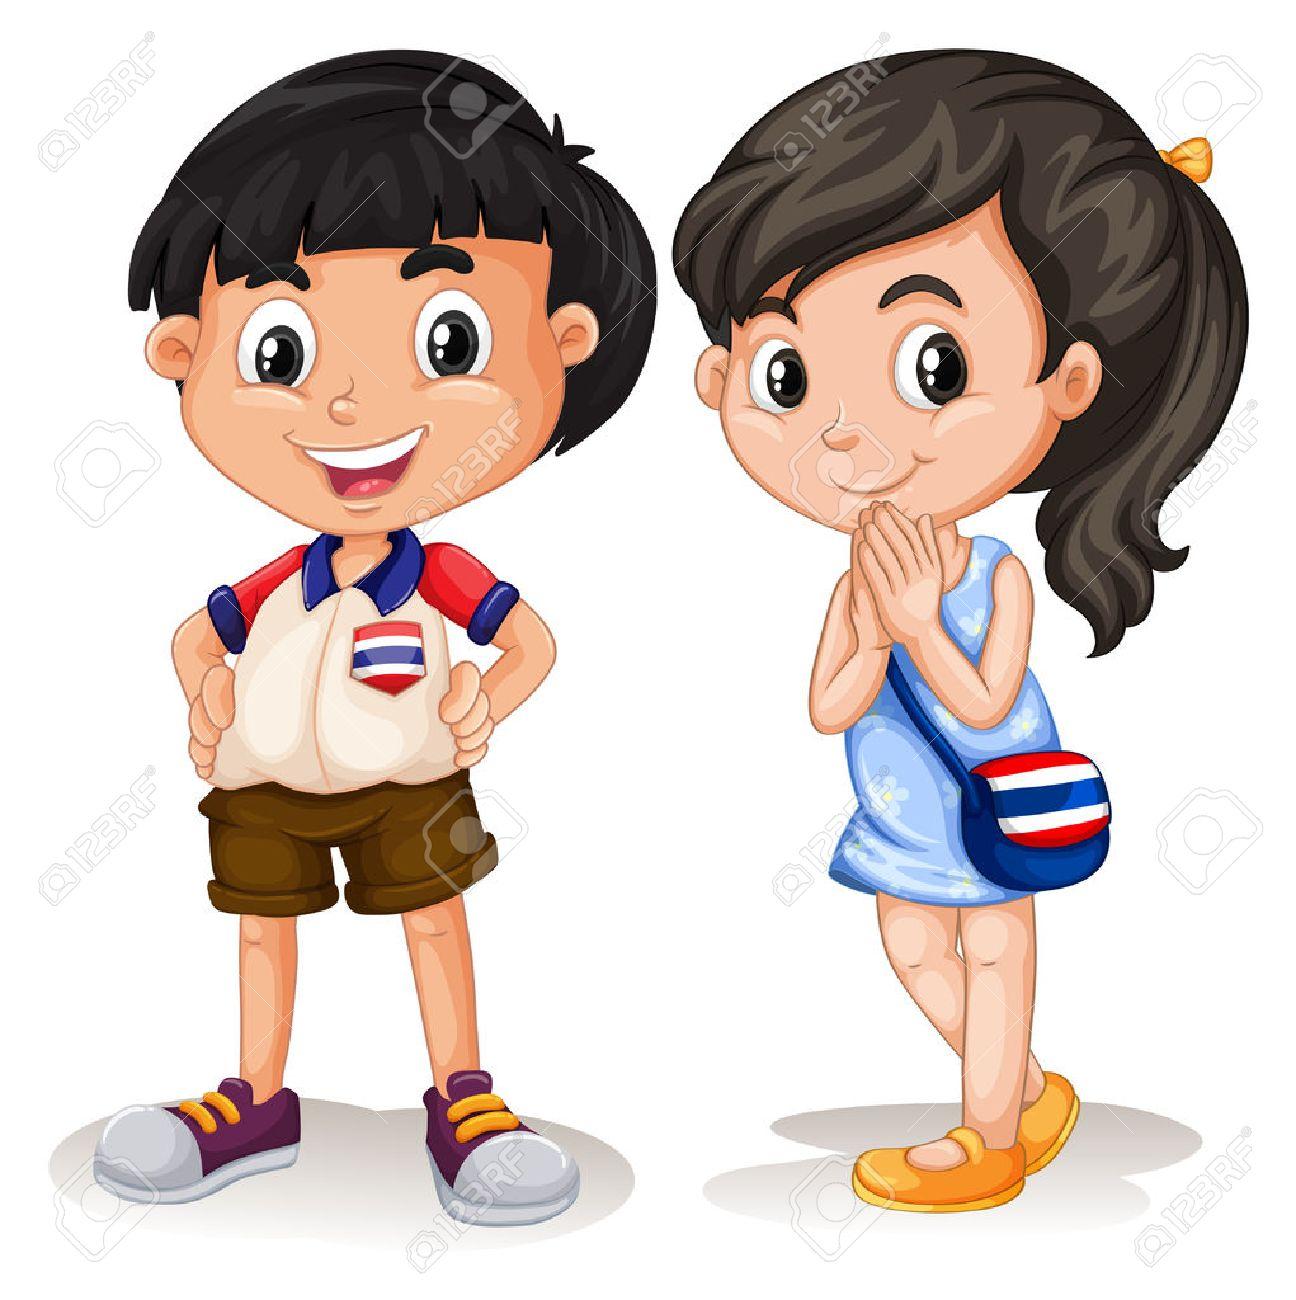 タイの男の子と女の子のイラストの笑顔のイラスト素材ベクタ Image